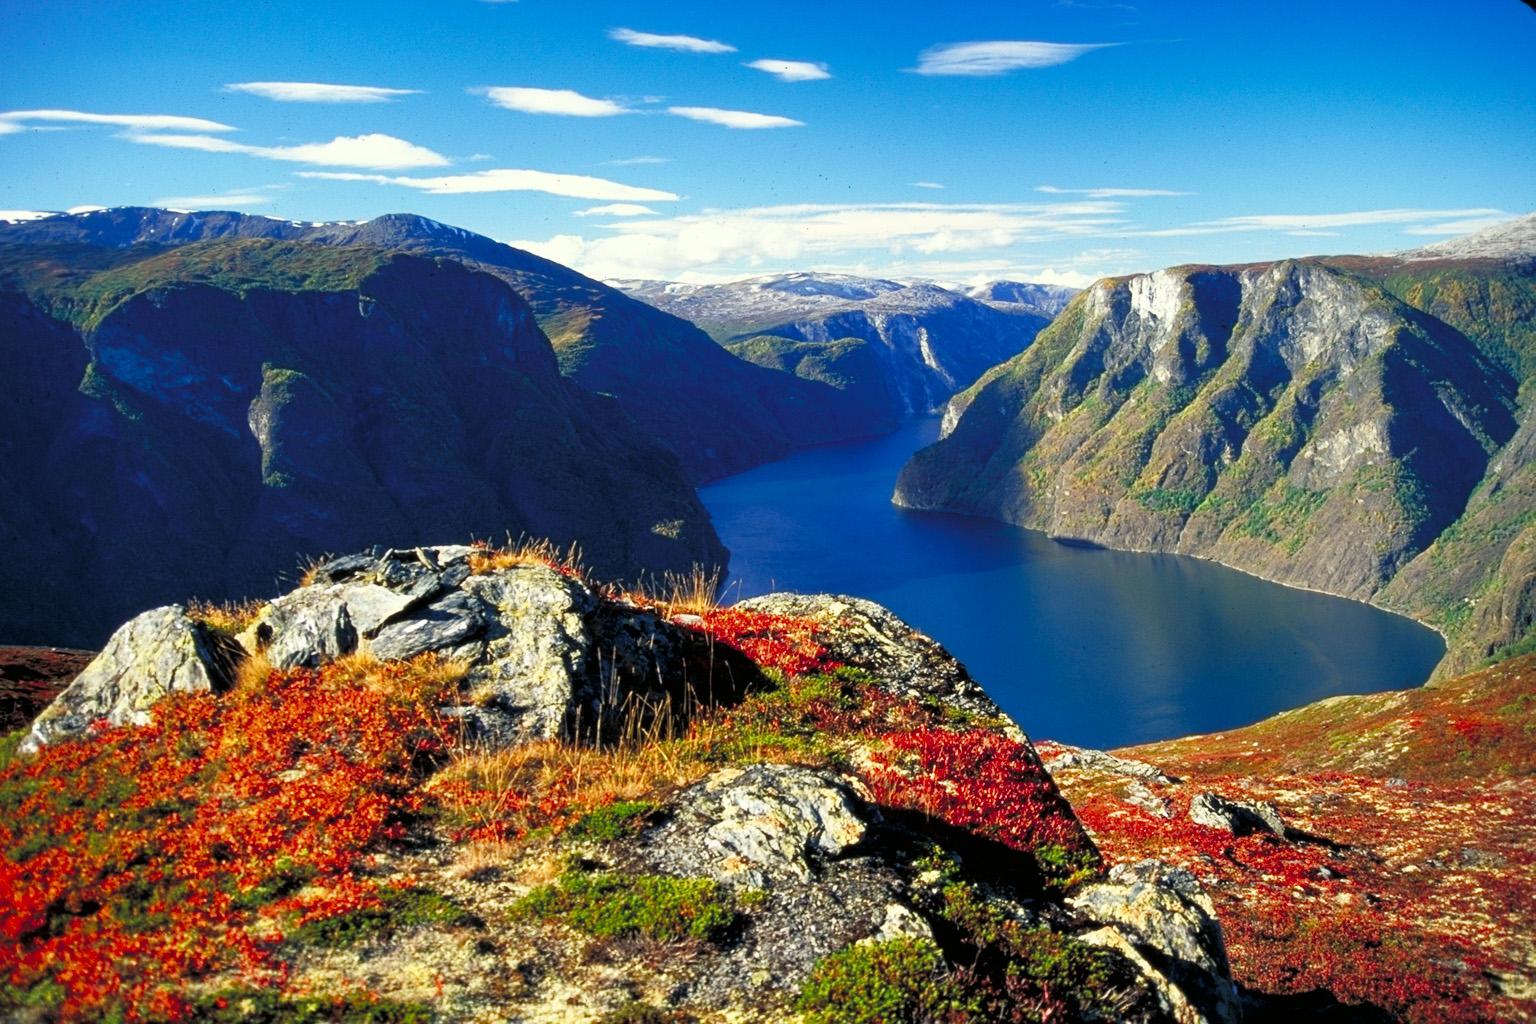 Aurlandsfjord 15 Eilef A Vikesland VisitFla¦èm